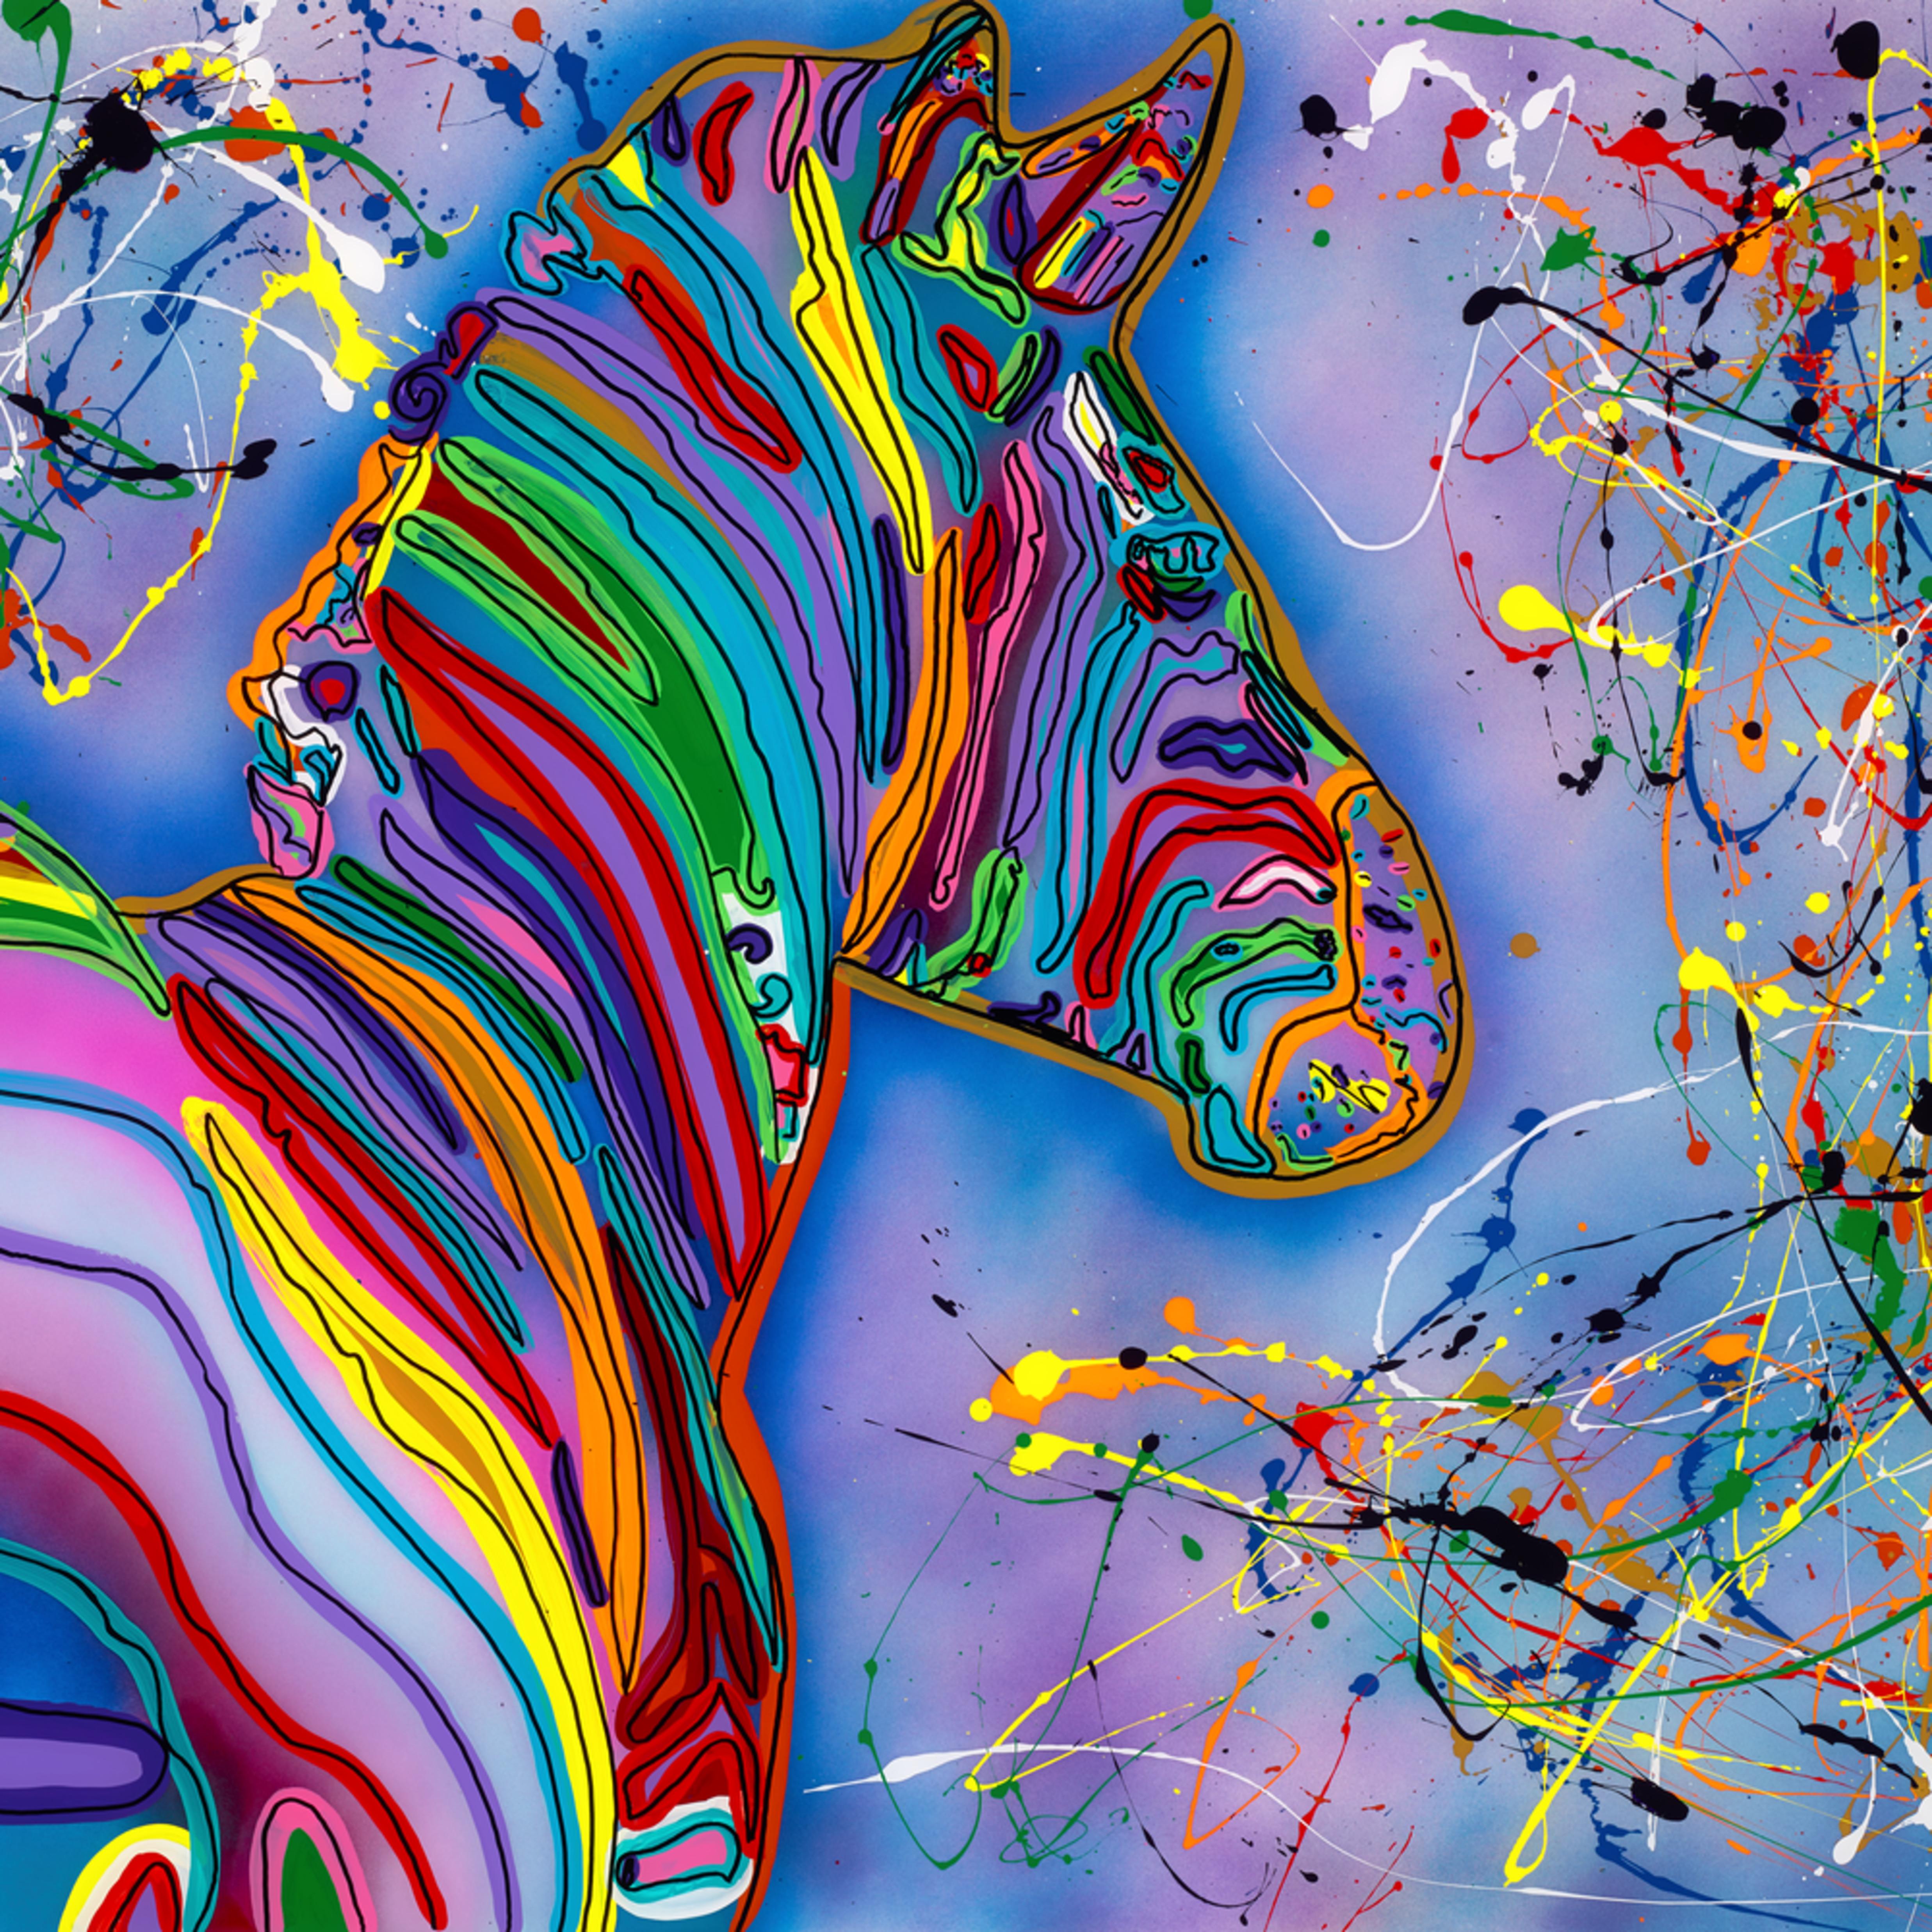 Zebra in color z03d9j